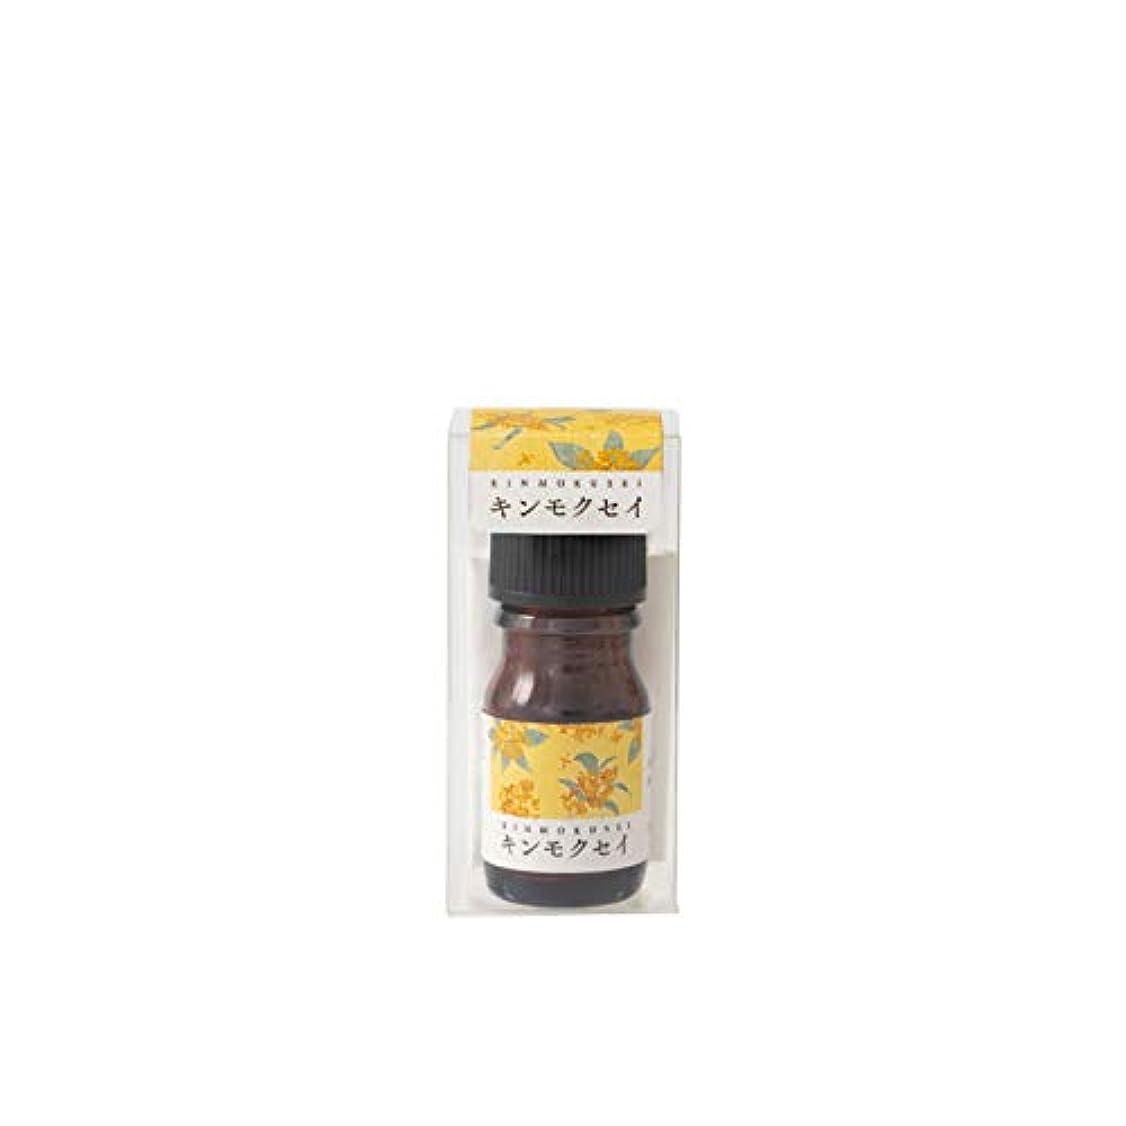 キャップご注意の中で生活の木 ブレンド精油 キンモクセイ 5ml